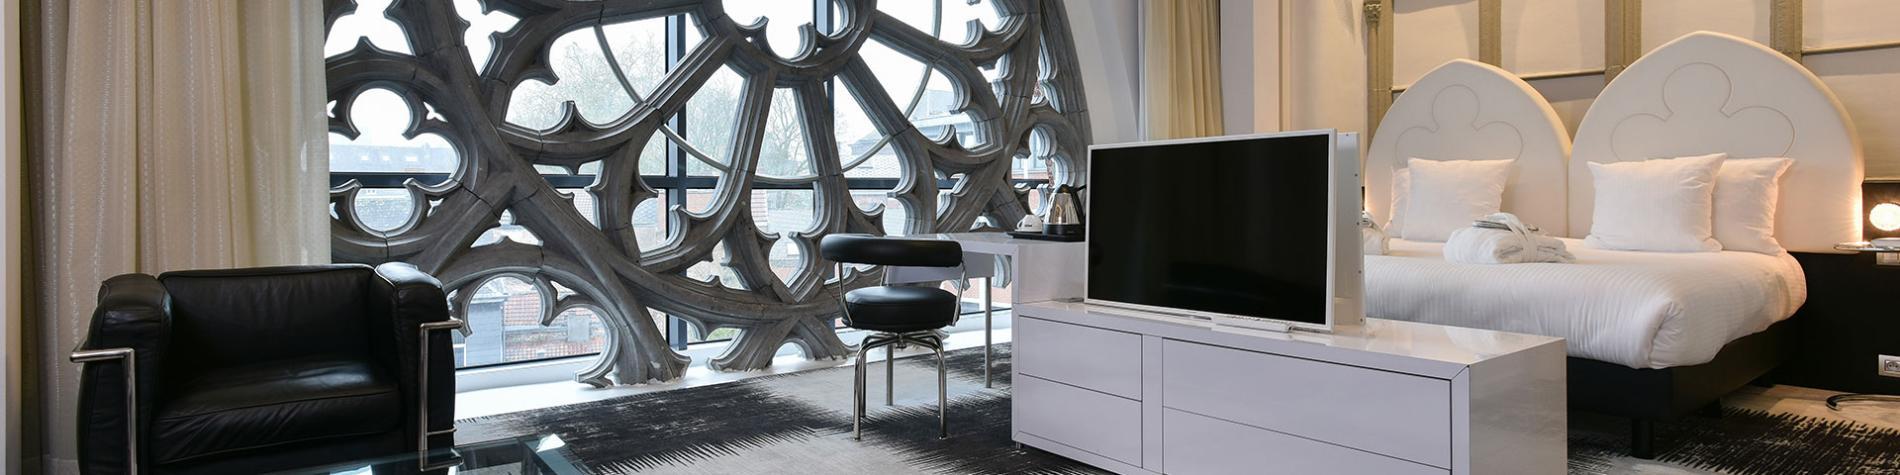 suite avec rosace en fenêtre dans le Martin's Dream Hotel à Mons.